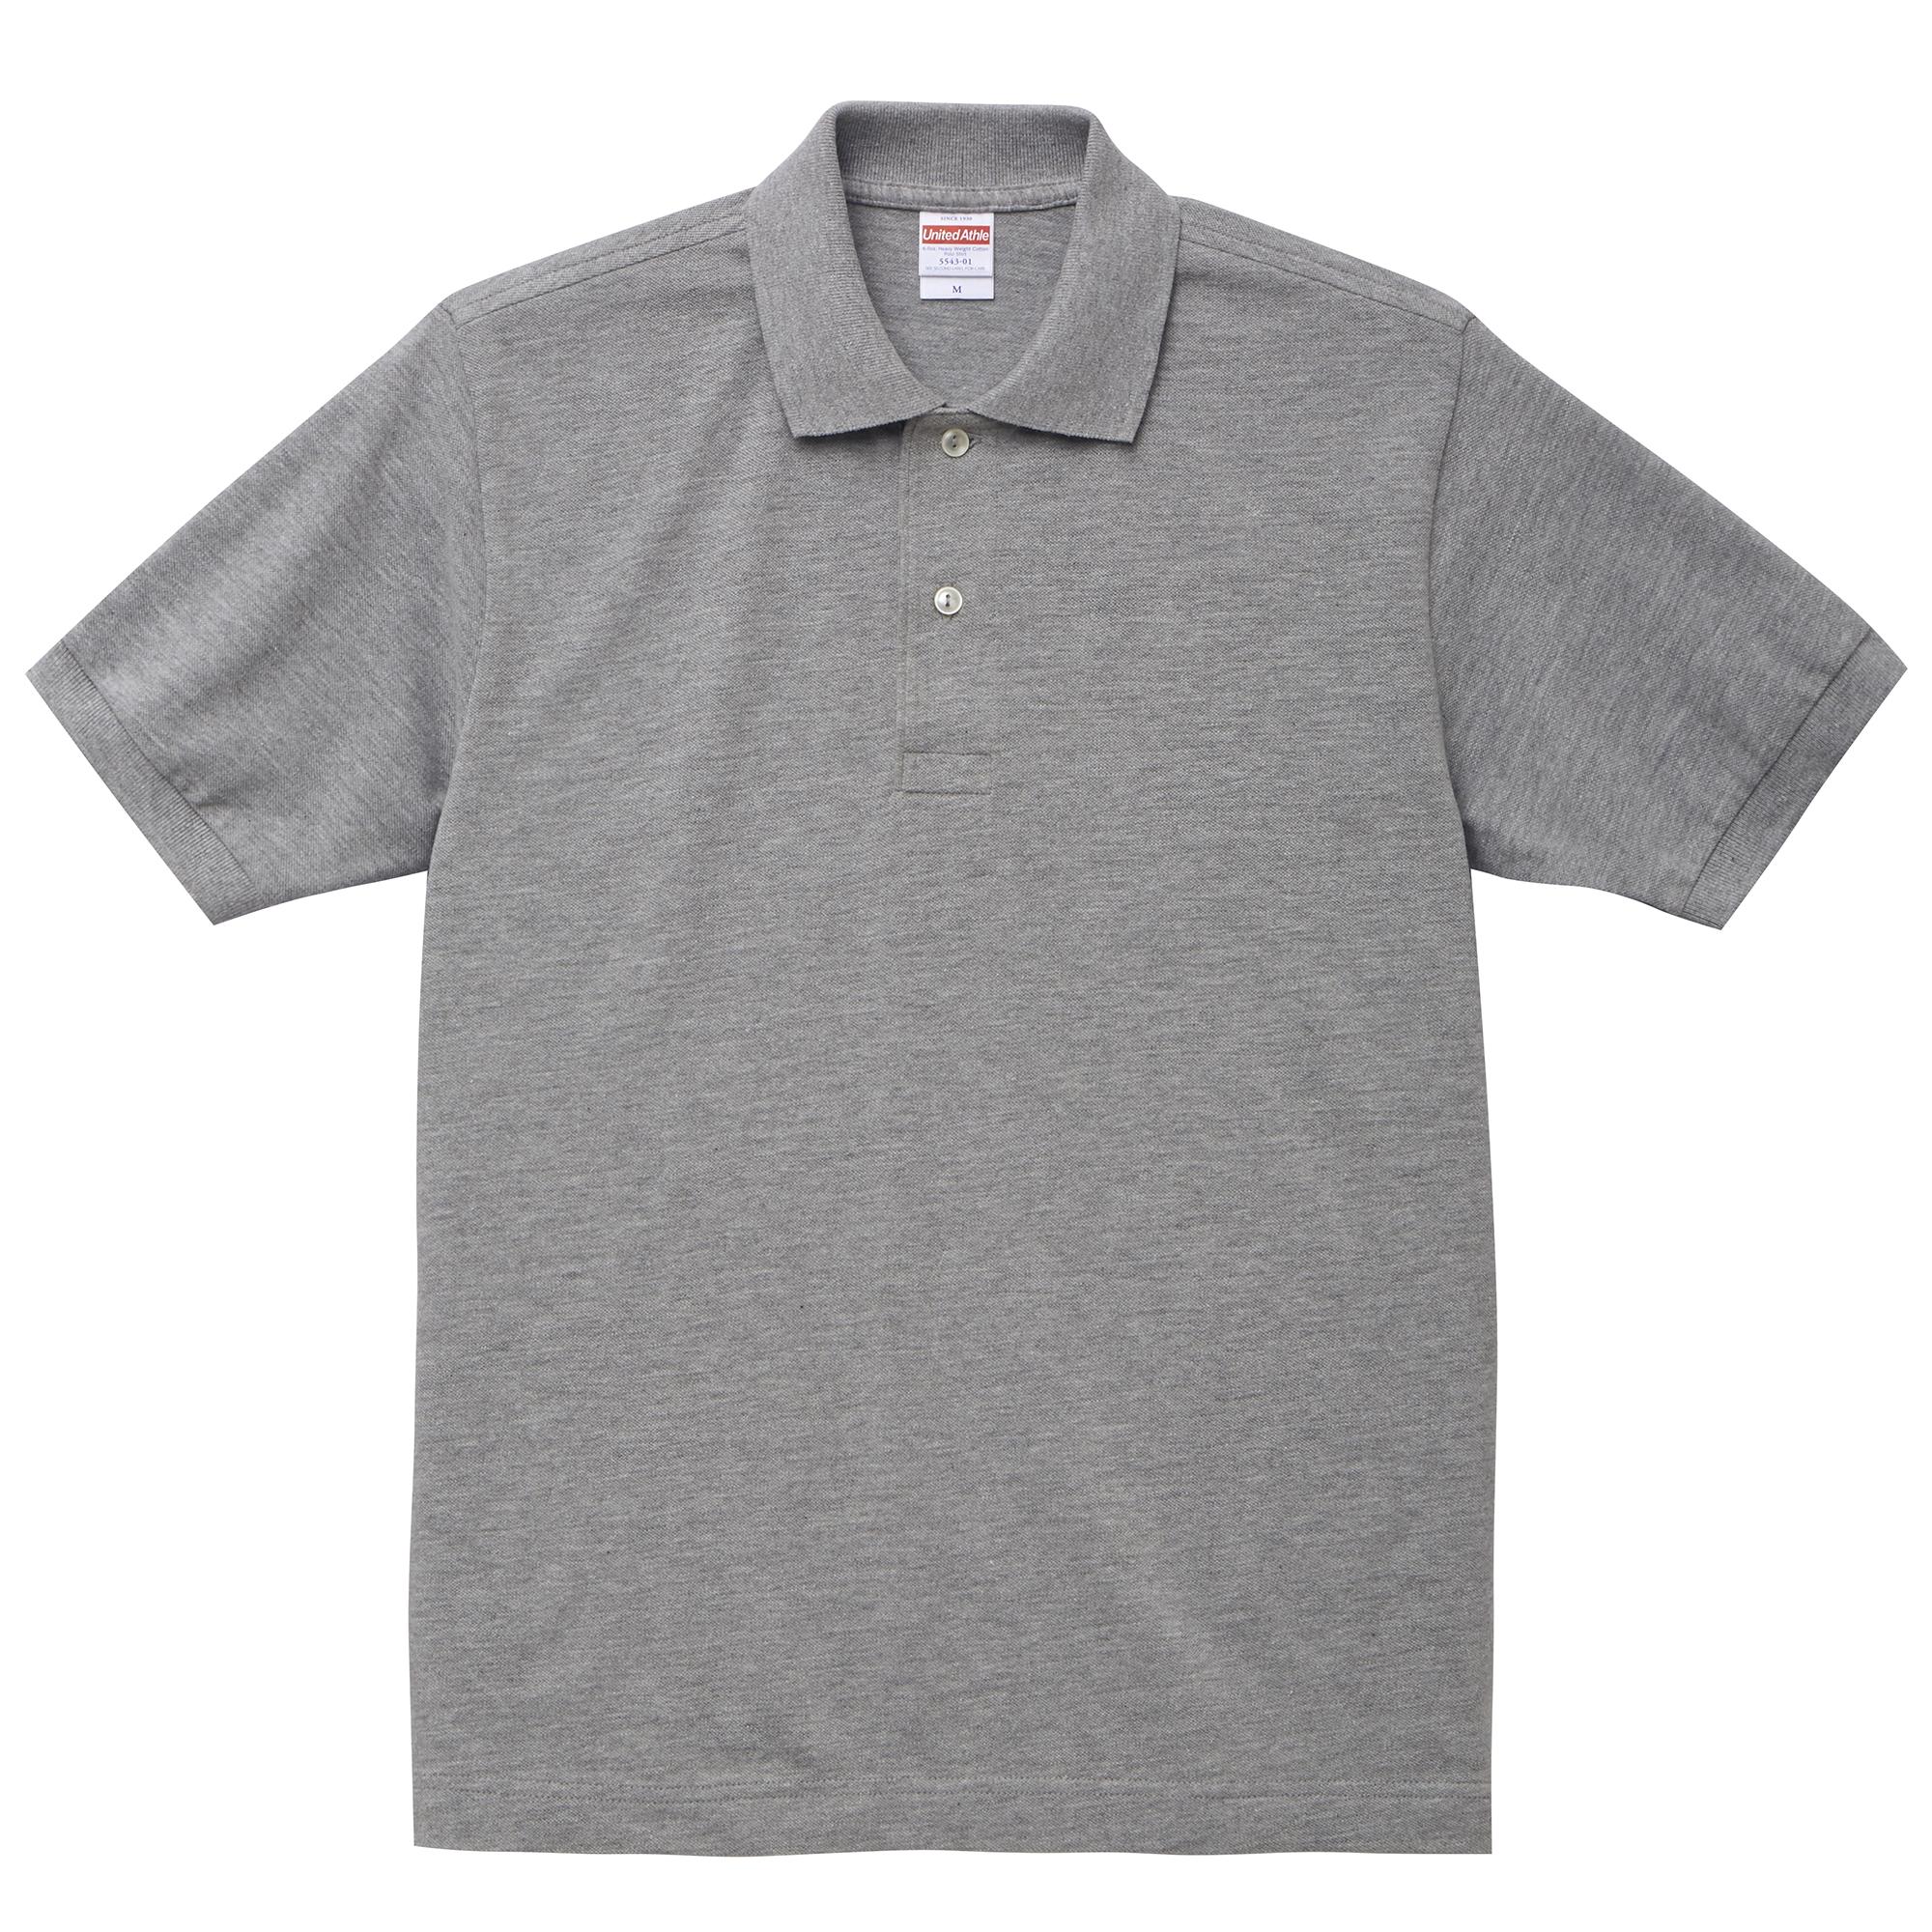 6.0オンスヘヴィーウェイトコットンのポロシャツ(ミックスグレー)